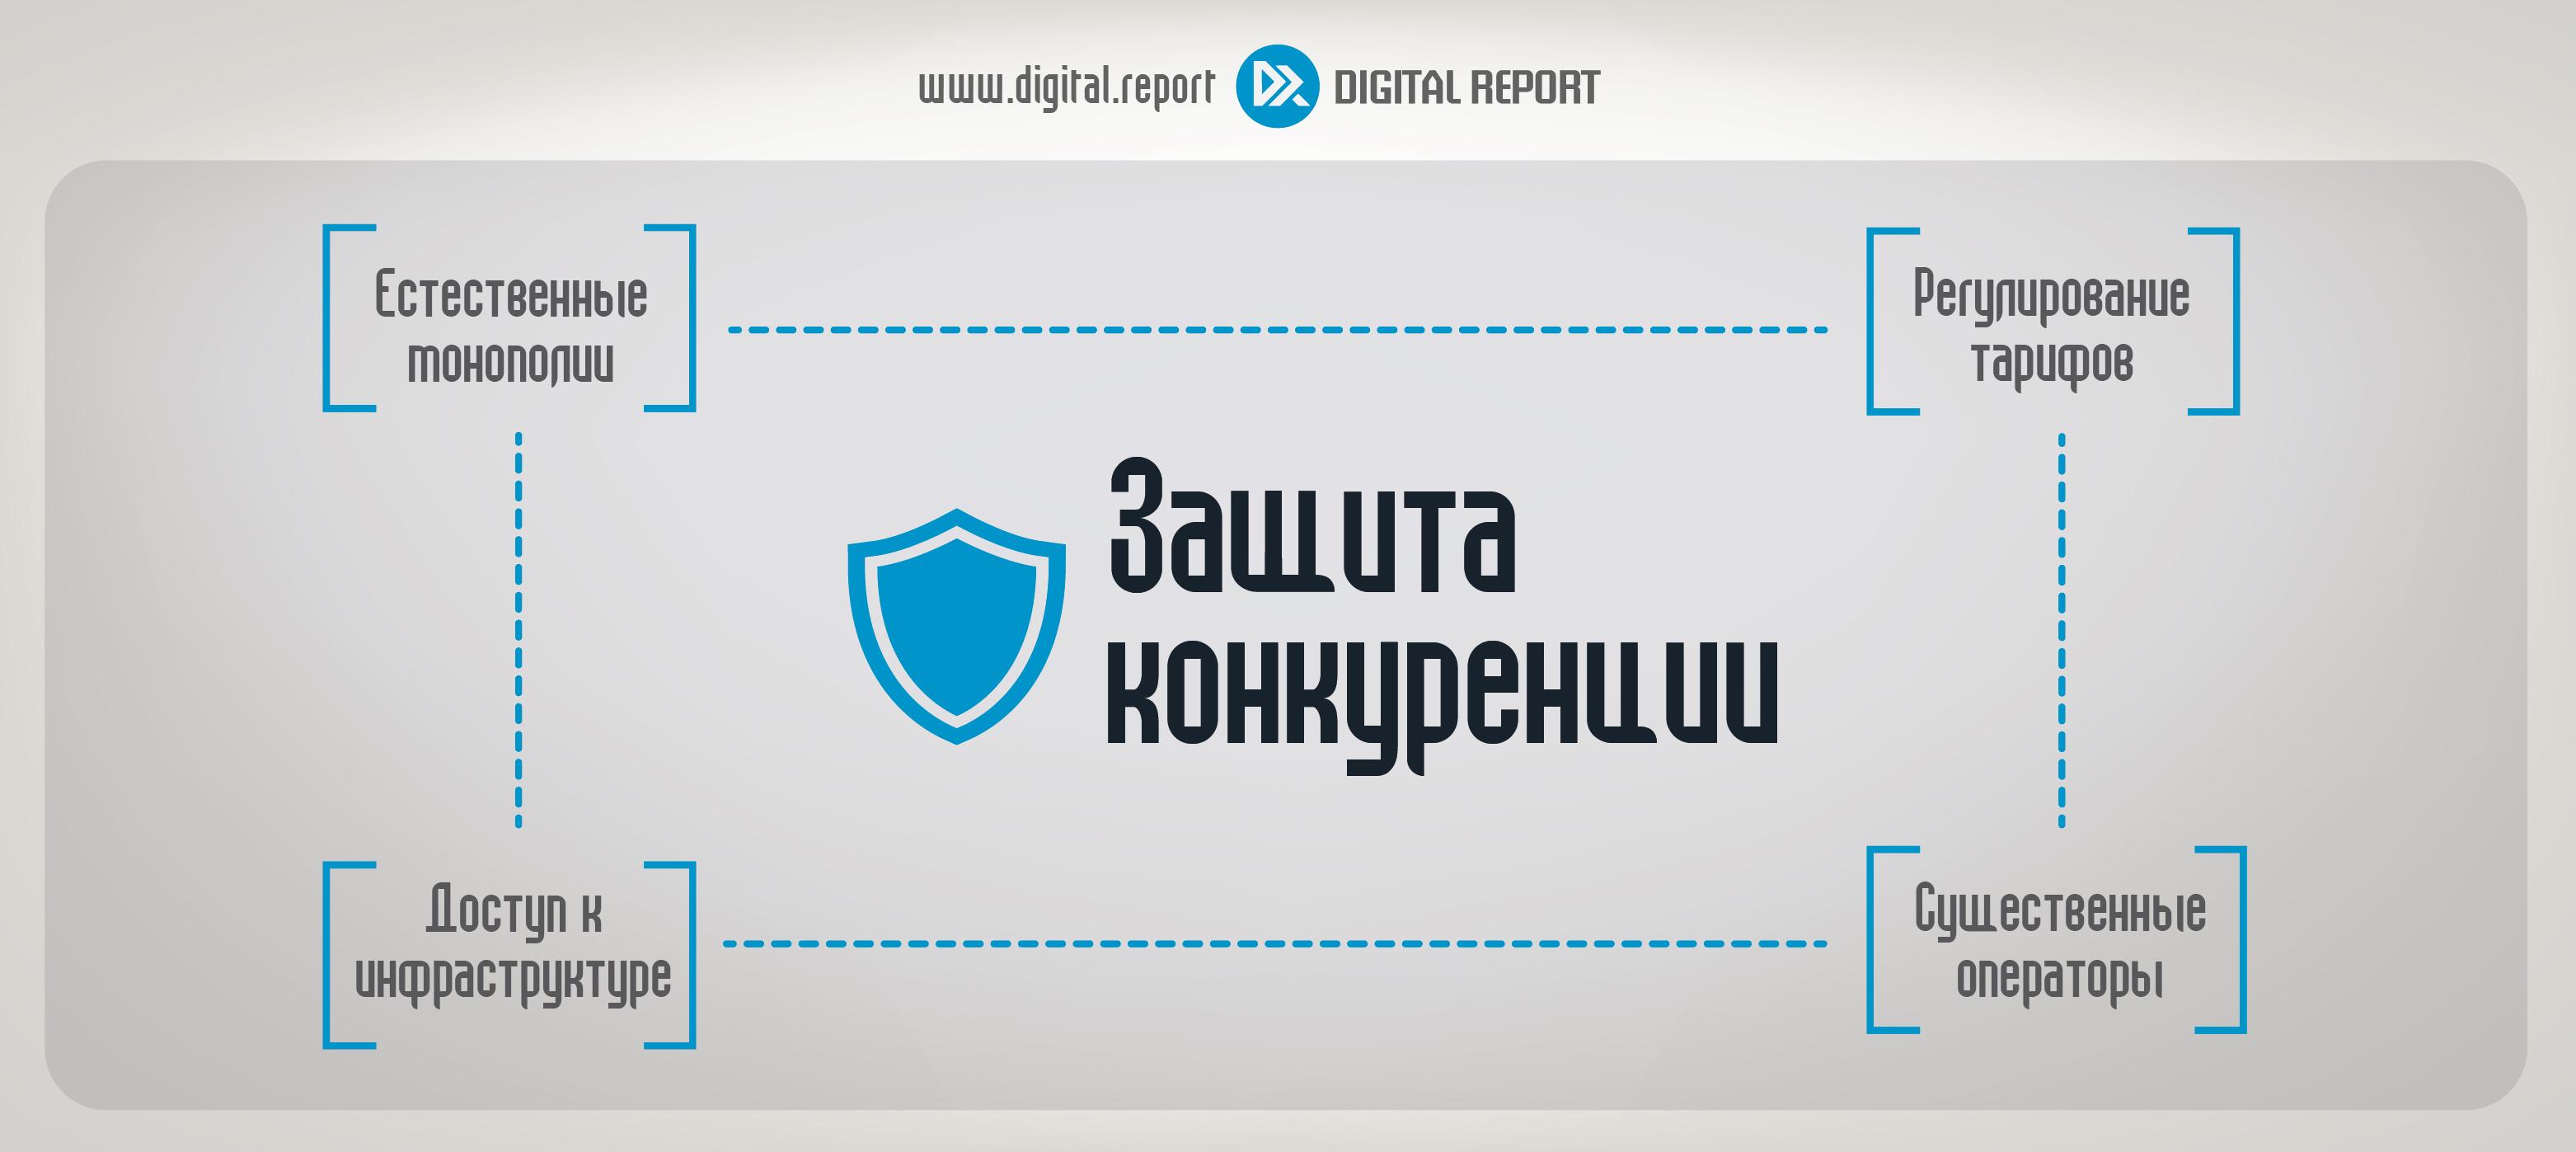 банки новокузнецка онлайн заявки